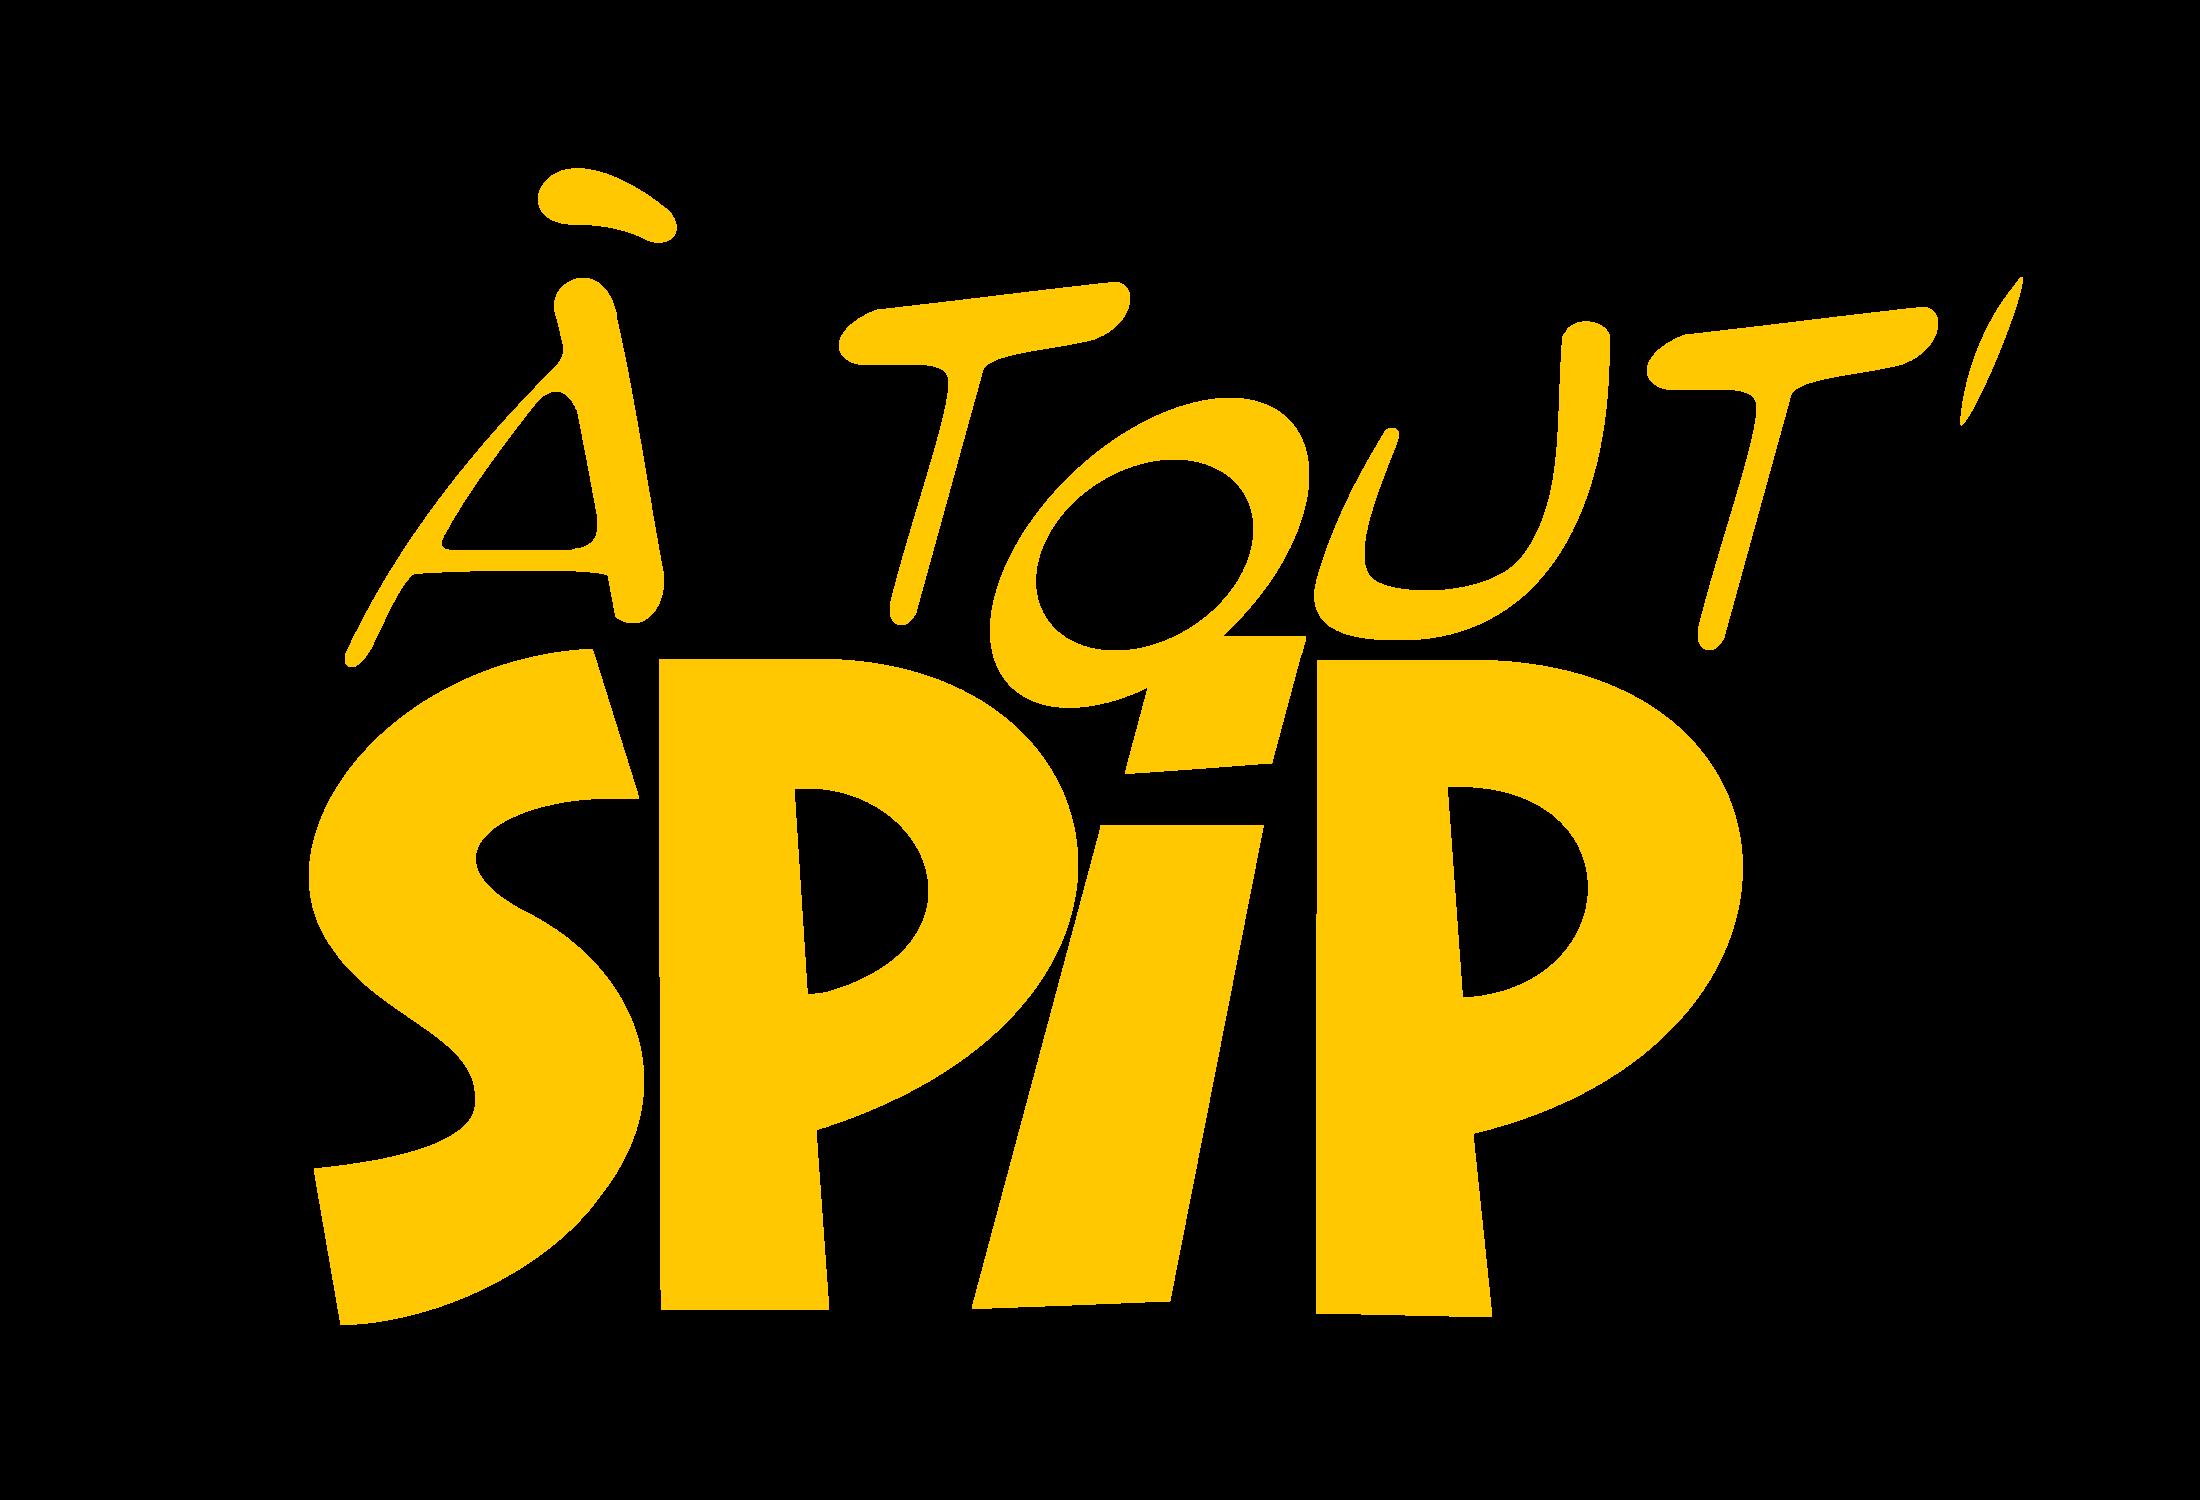 À tout Spip